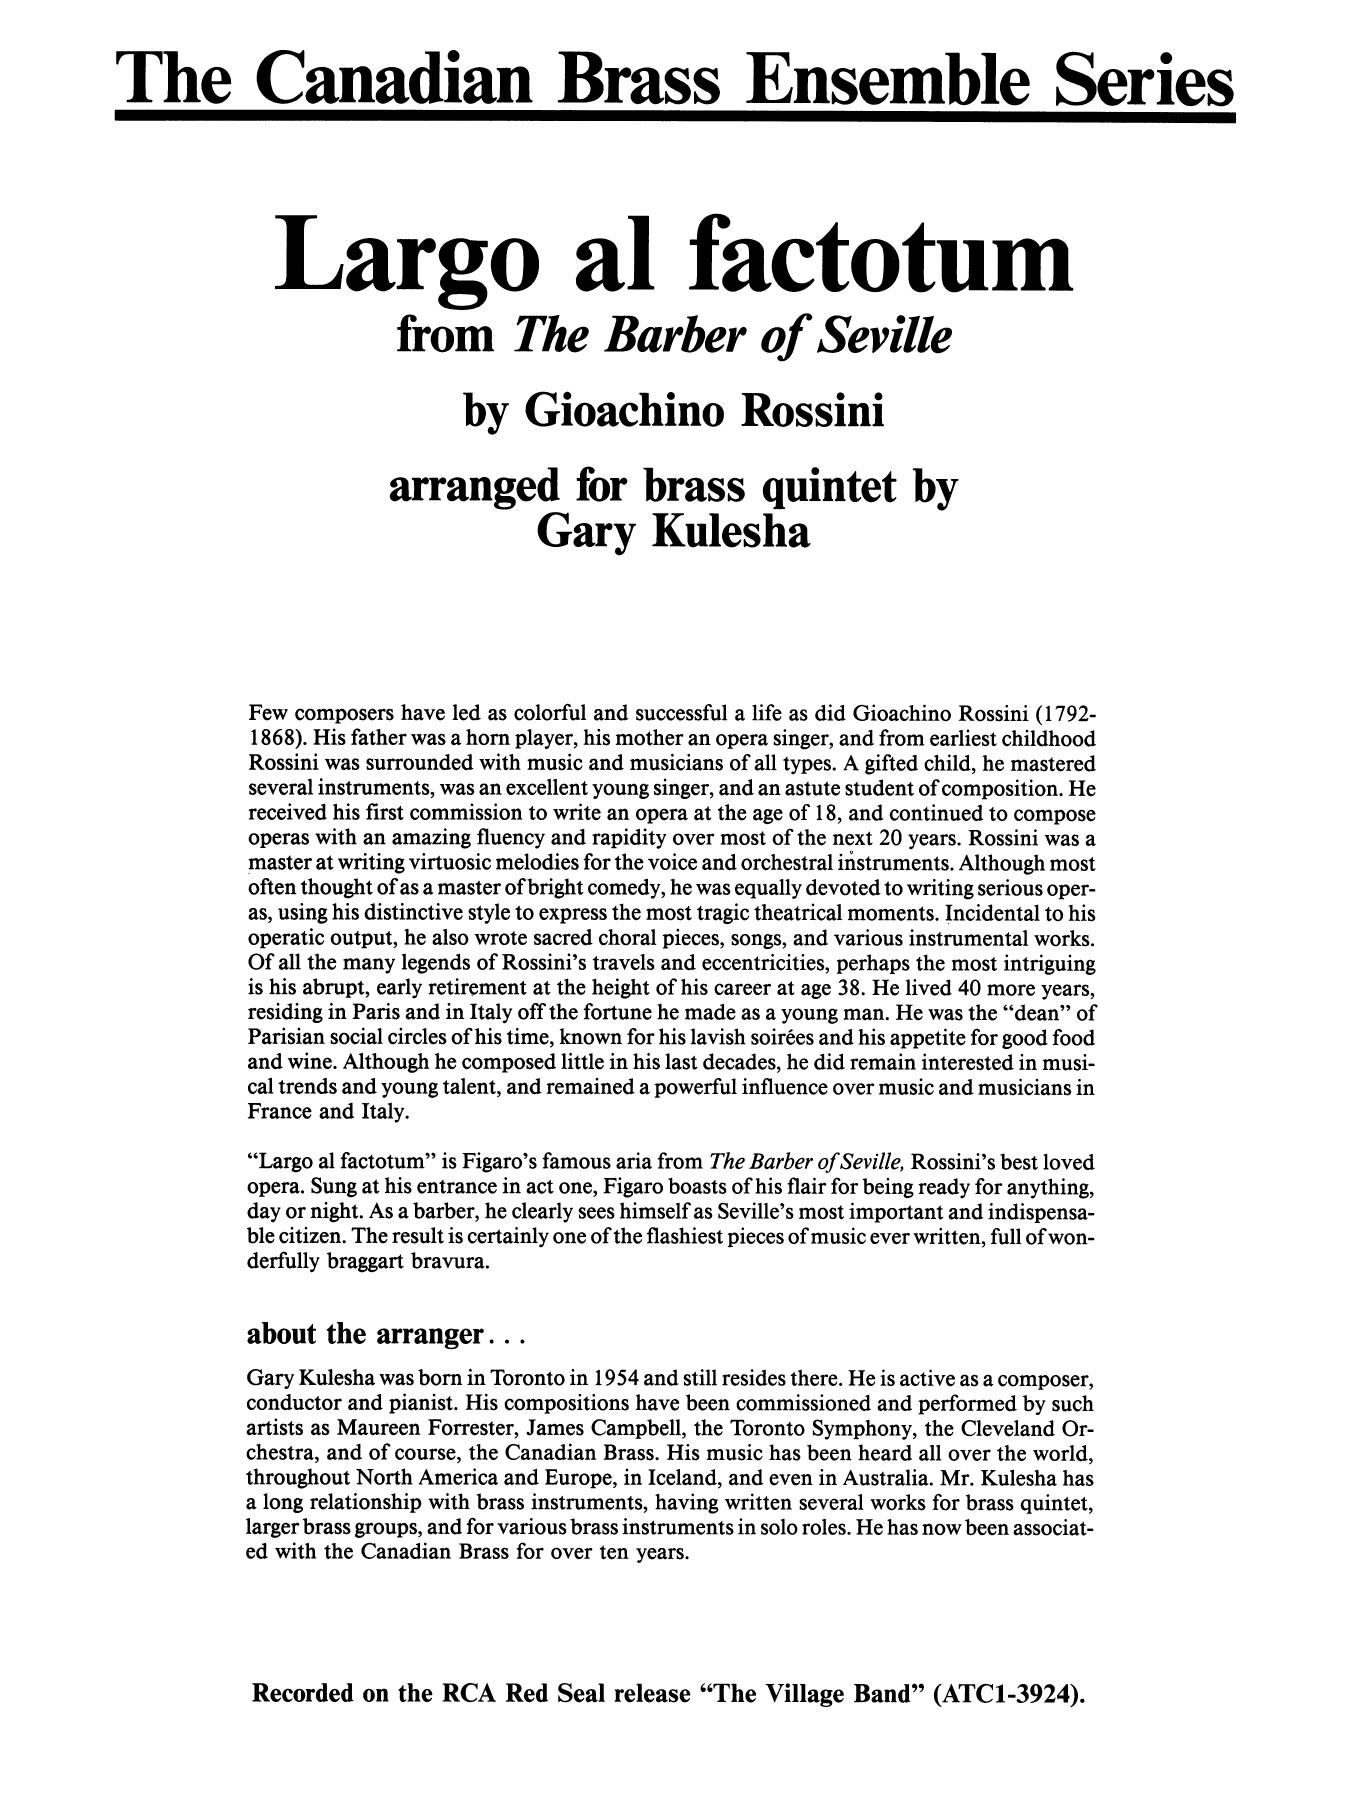 Largo al factotum from The Barber of Seville - Full Score Sheet Music